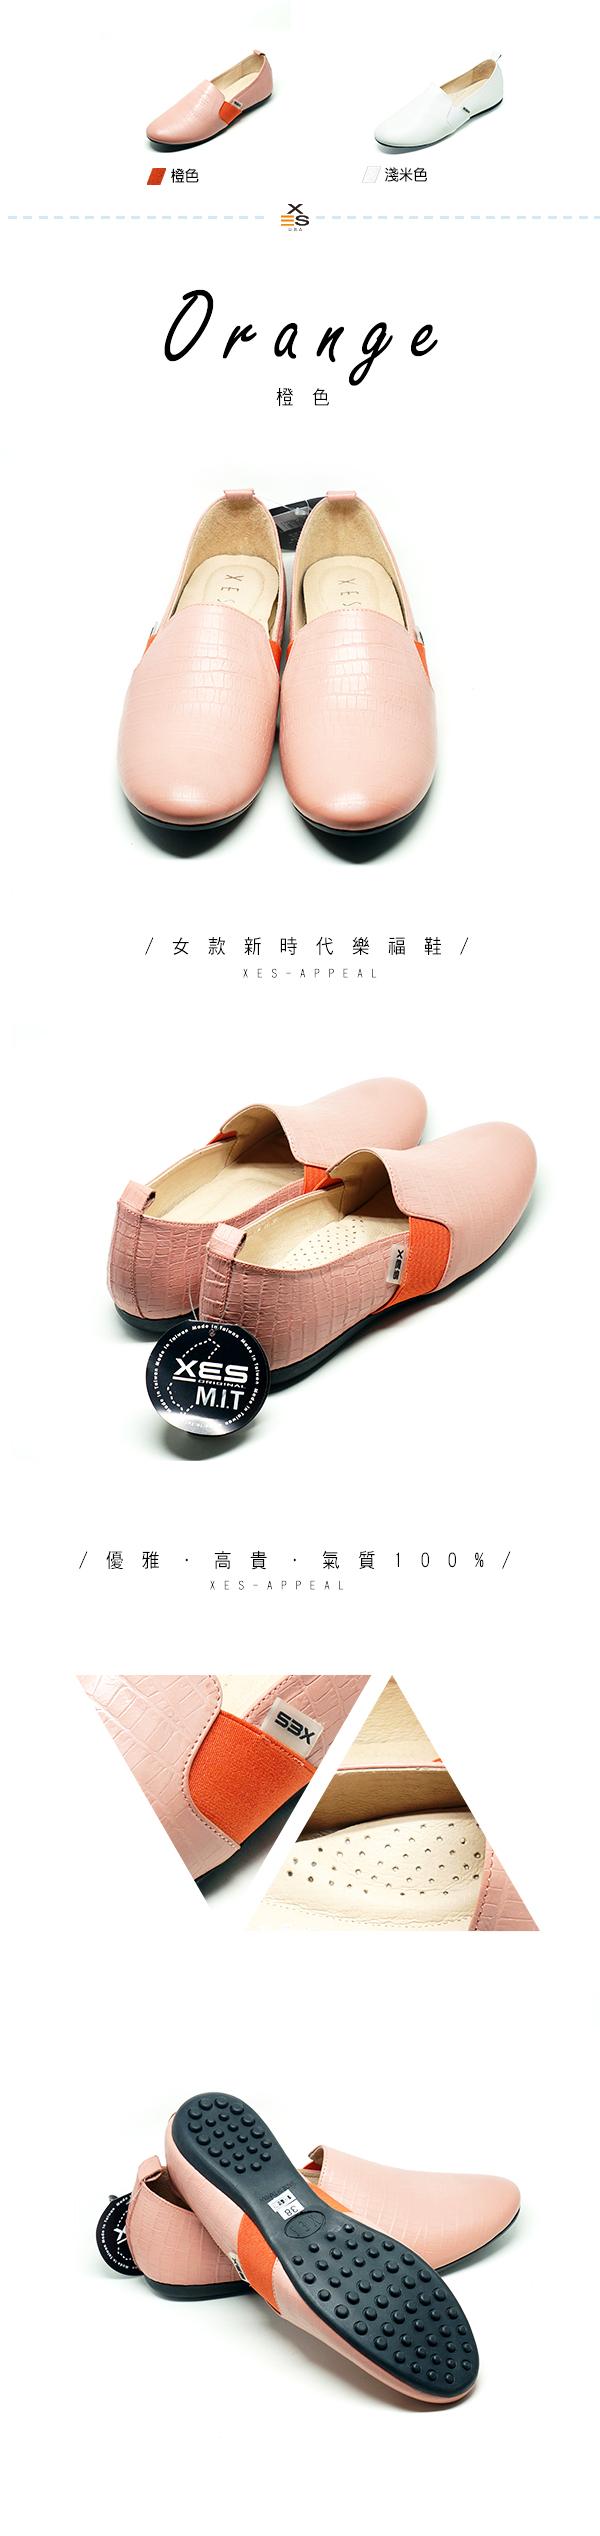 橘色,懶人鞋,樂福鞋,XES品牌,我型我塑,自然風格,休閒風格